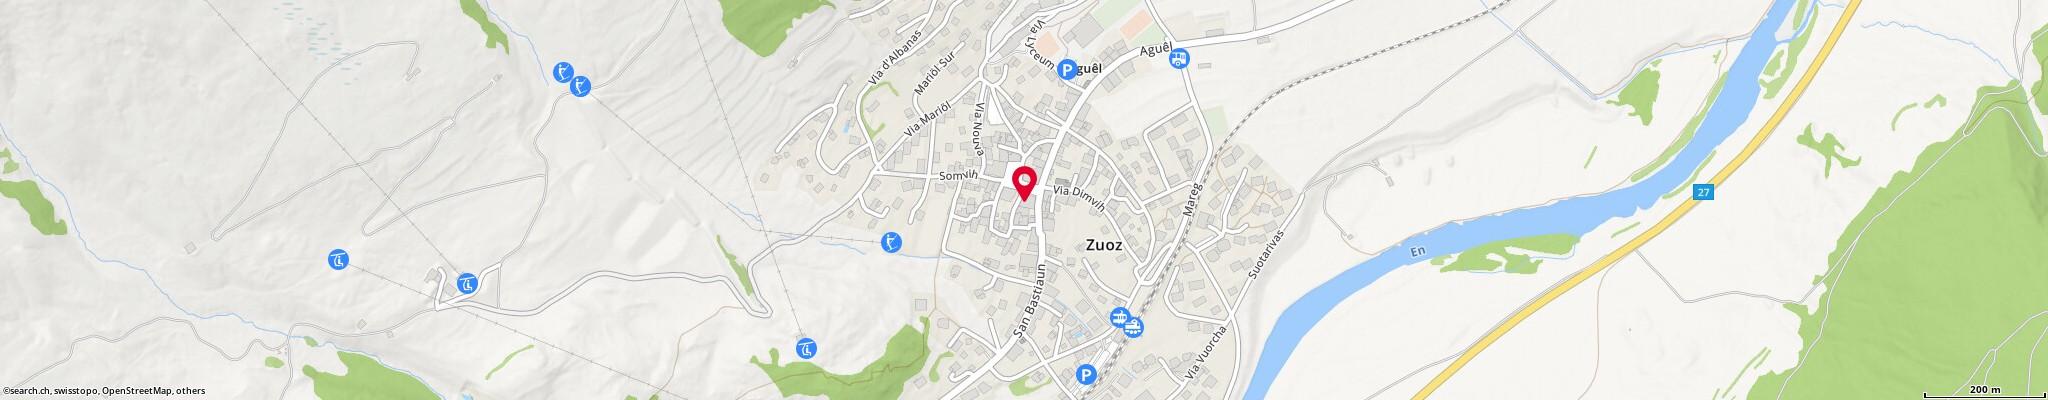 Karte: Berni's Metzg, Zuoz, Straglia Chanels 25